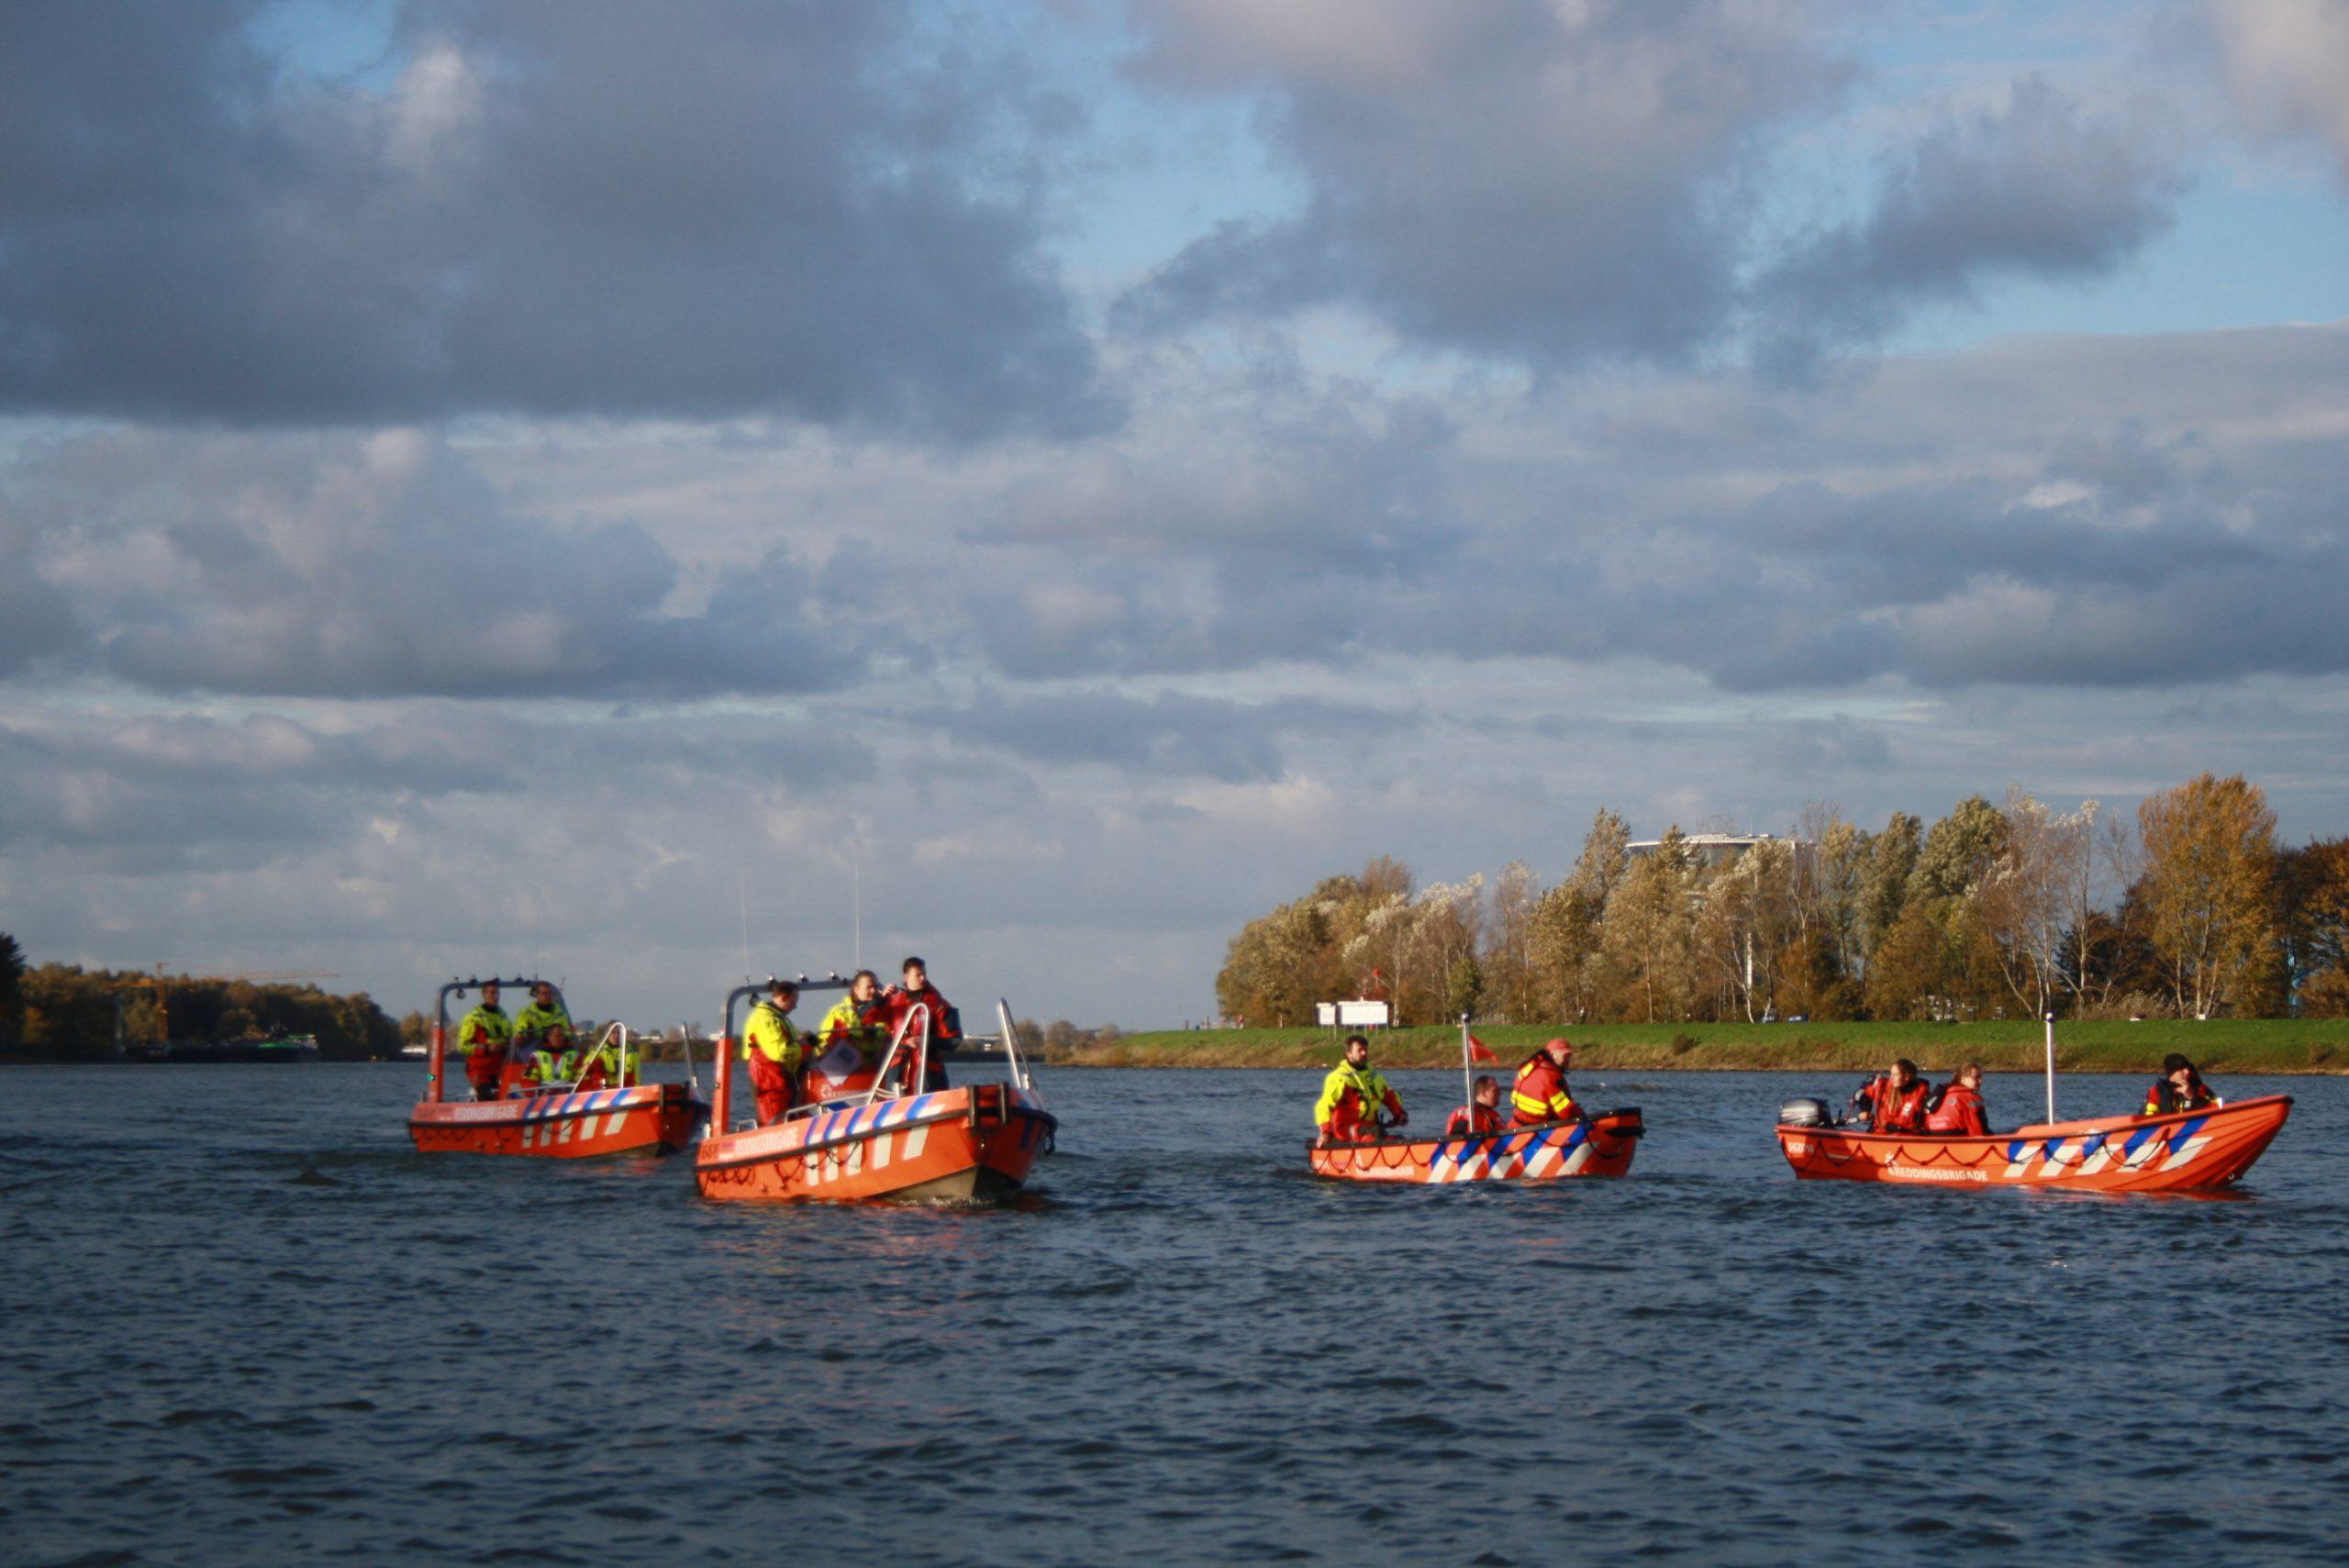 Reddingsbrigades op de drierivierenkruising bij Dordrecht